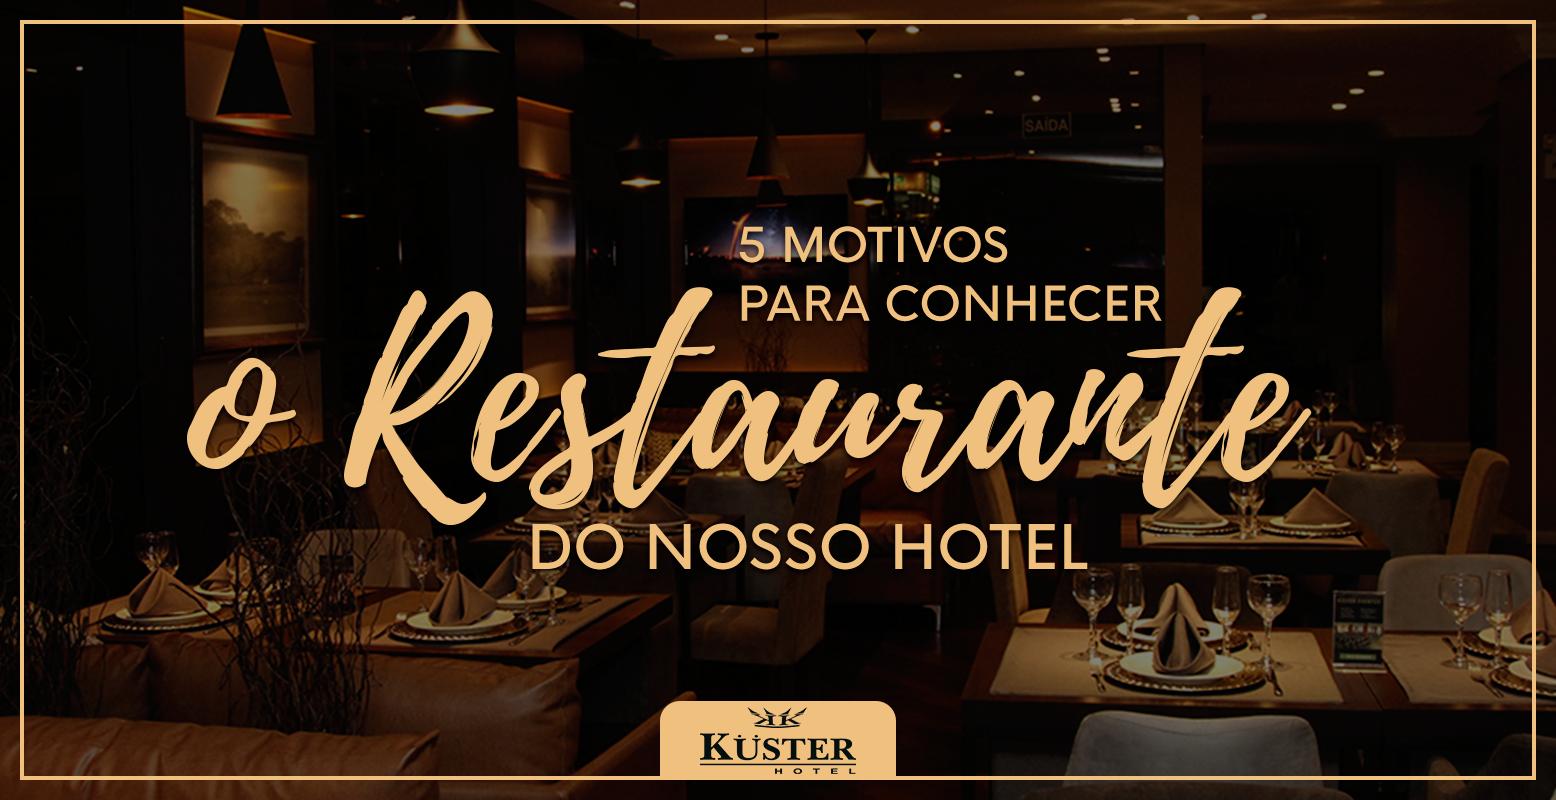 5 motivos para conhecer o Restaurante Kuster